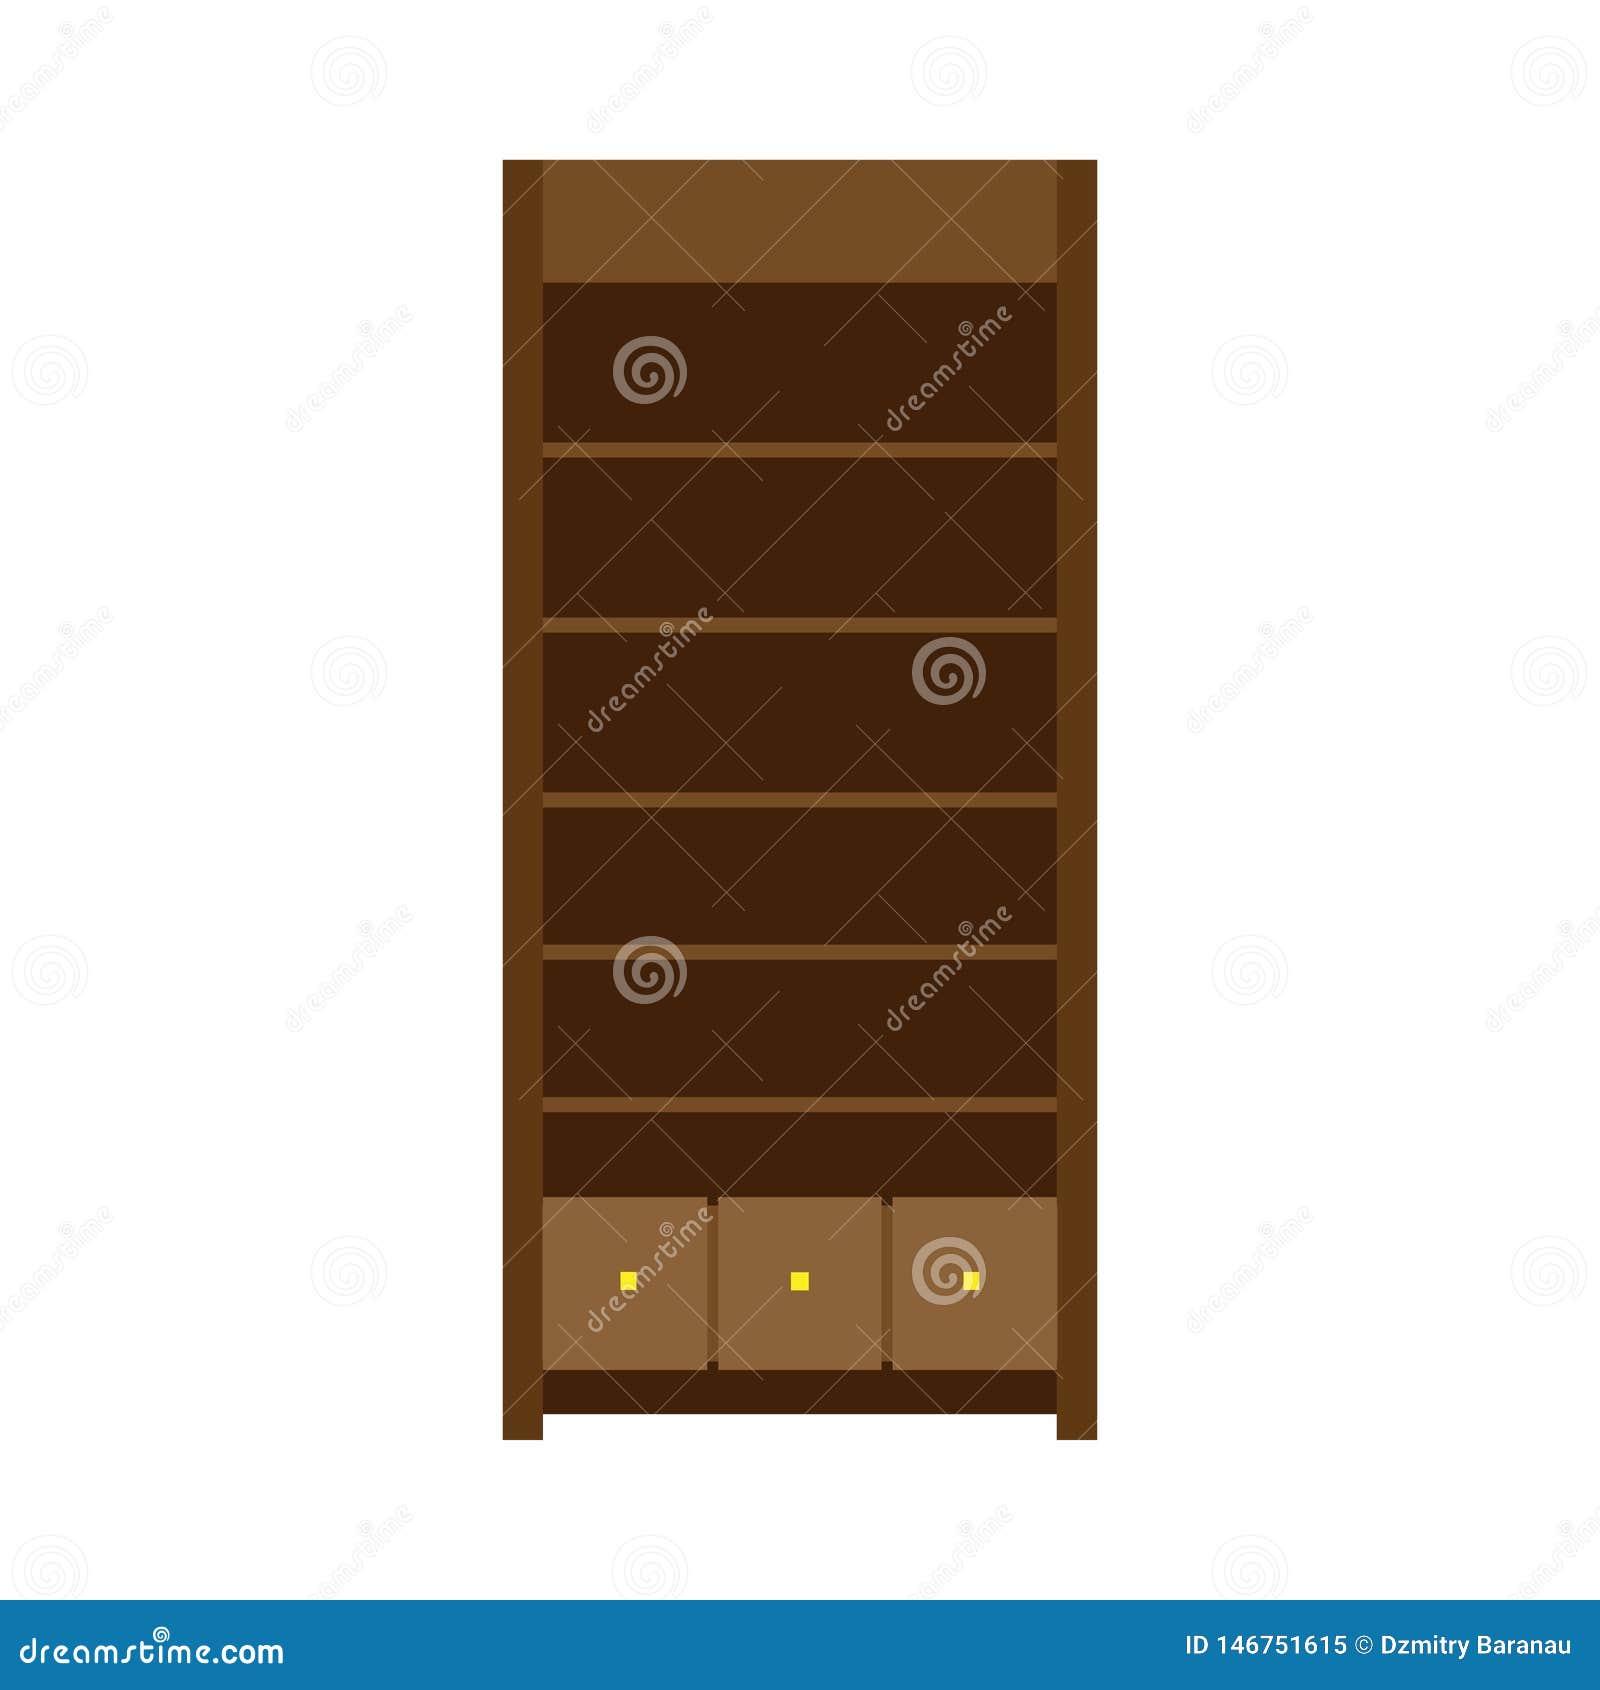 大型衣橱传染媒介llustration机架架子家具象 葡萄酒典雅的老碗柜内阁壁橱 木衣橱设计